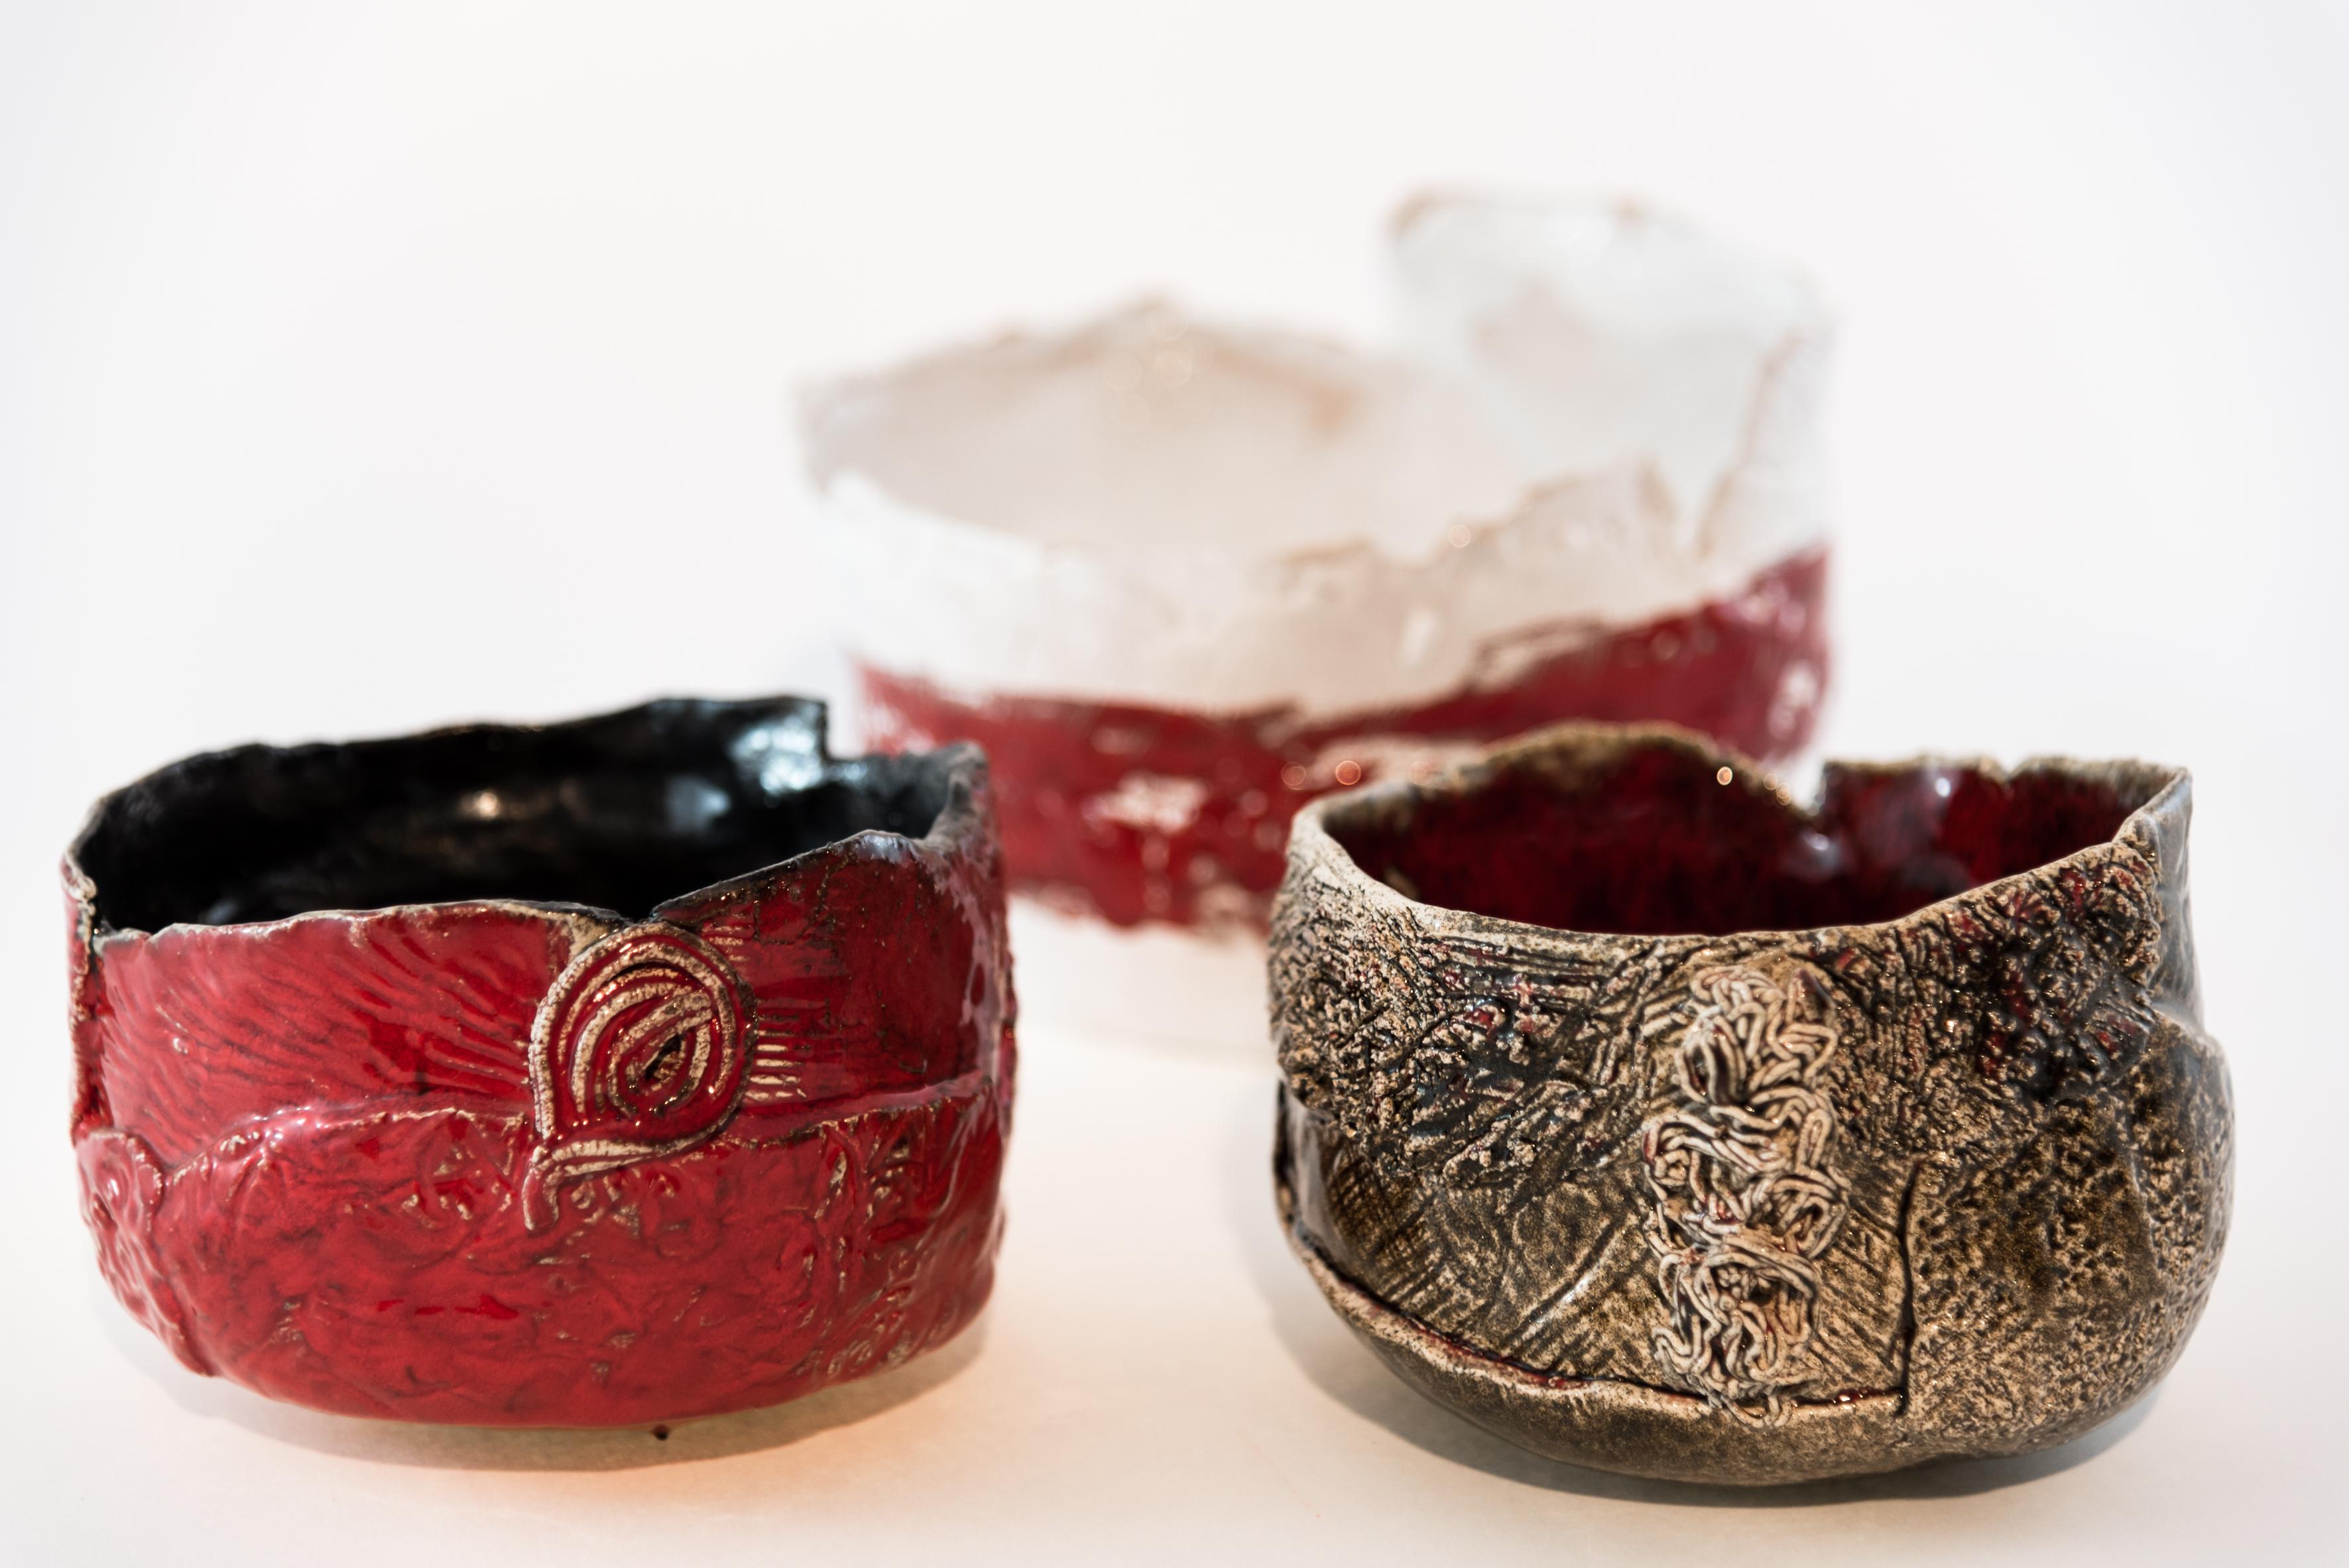 Ciotola in ceramica rossa